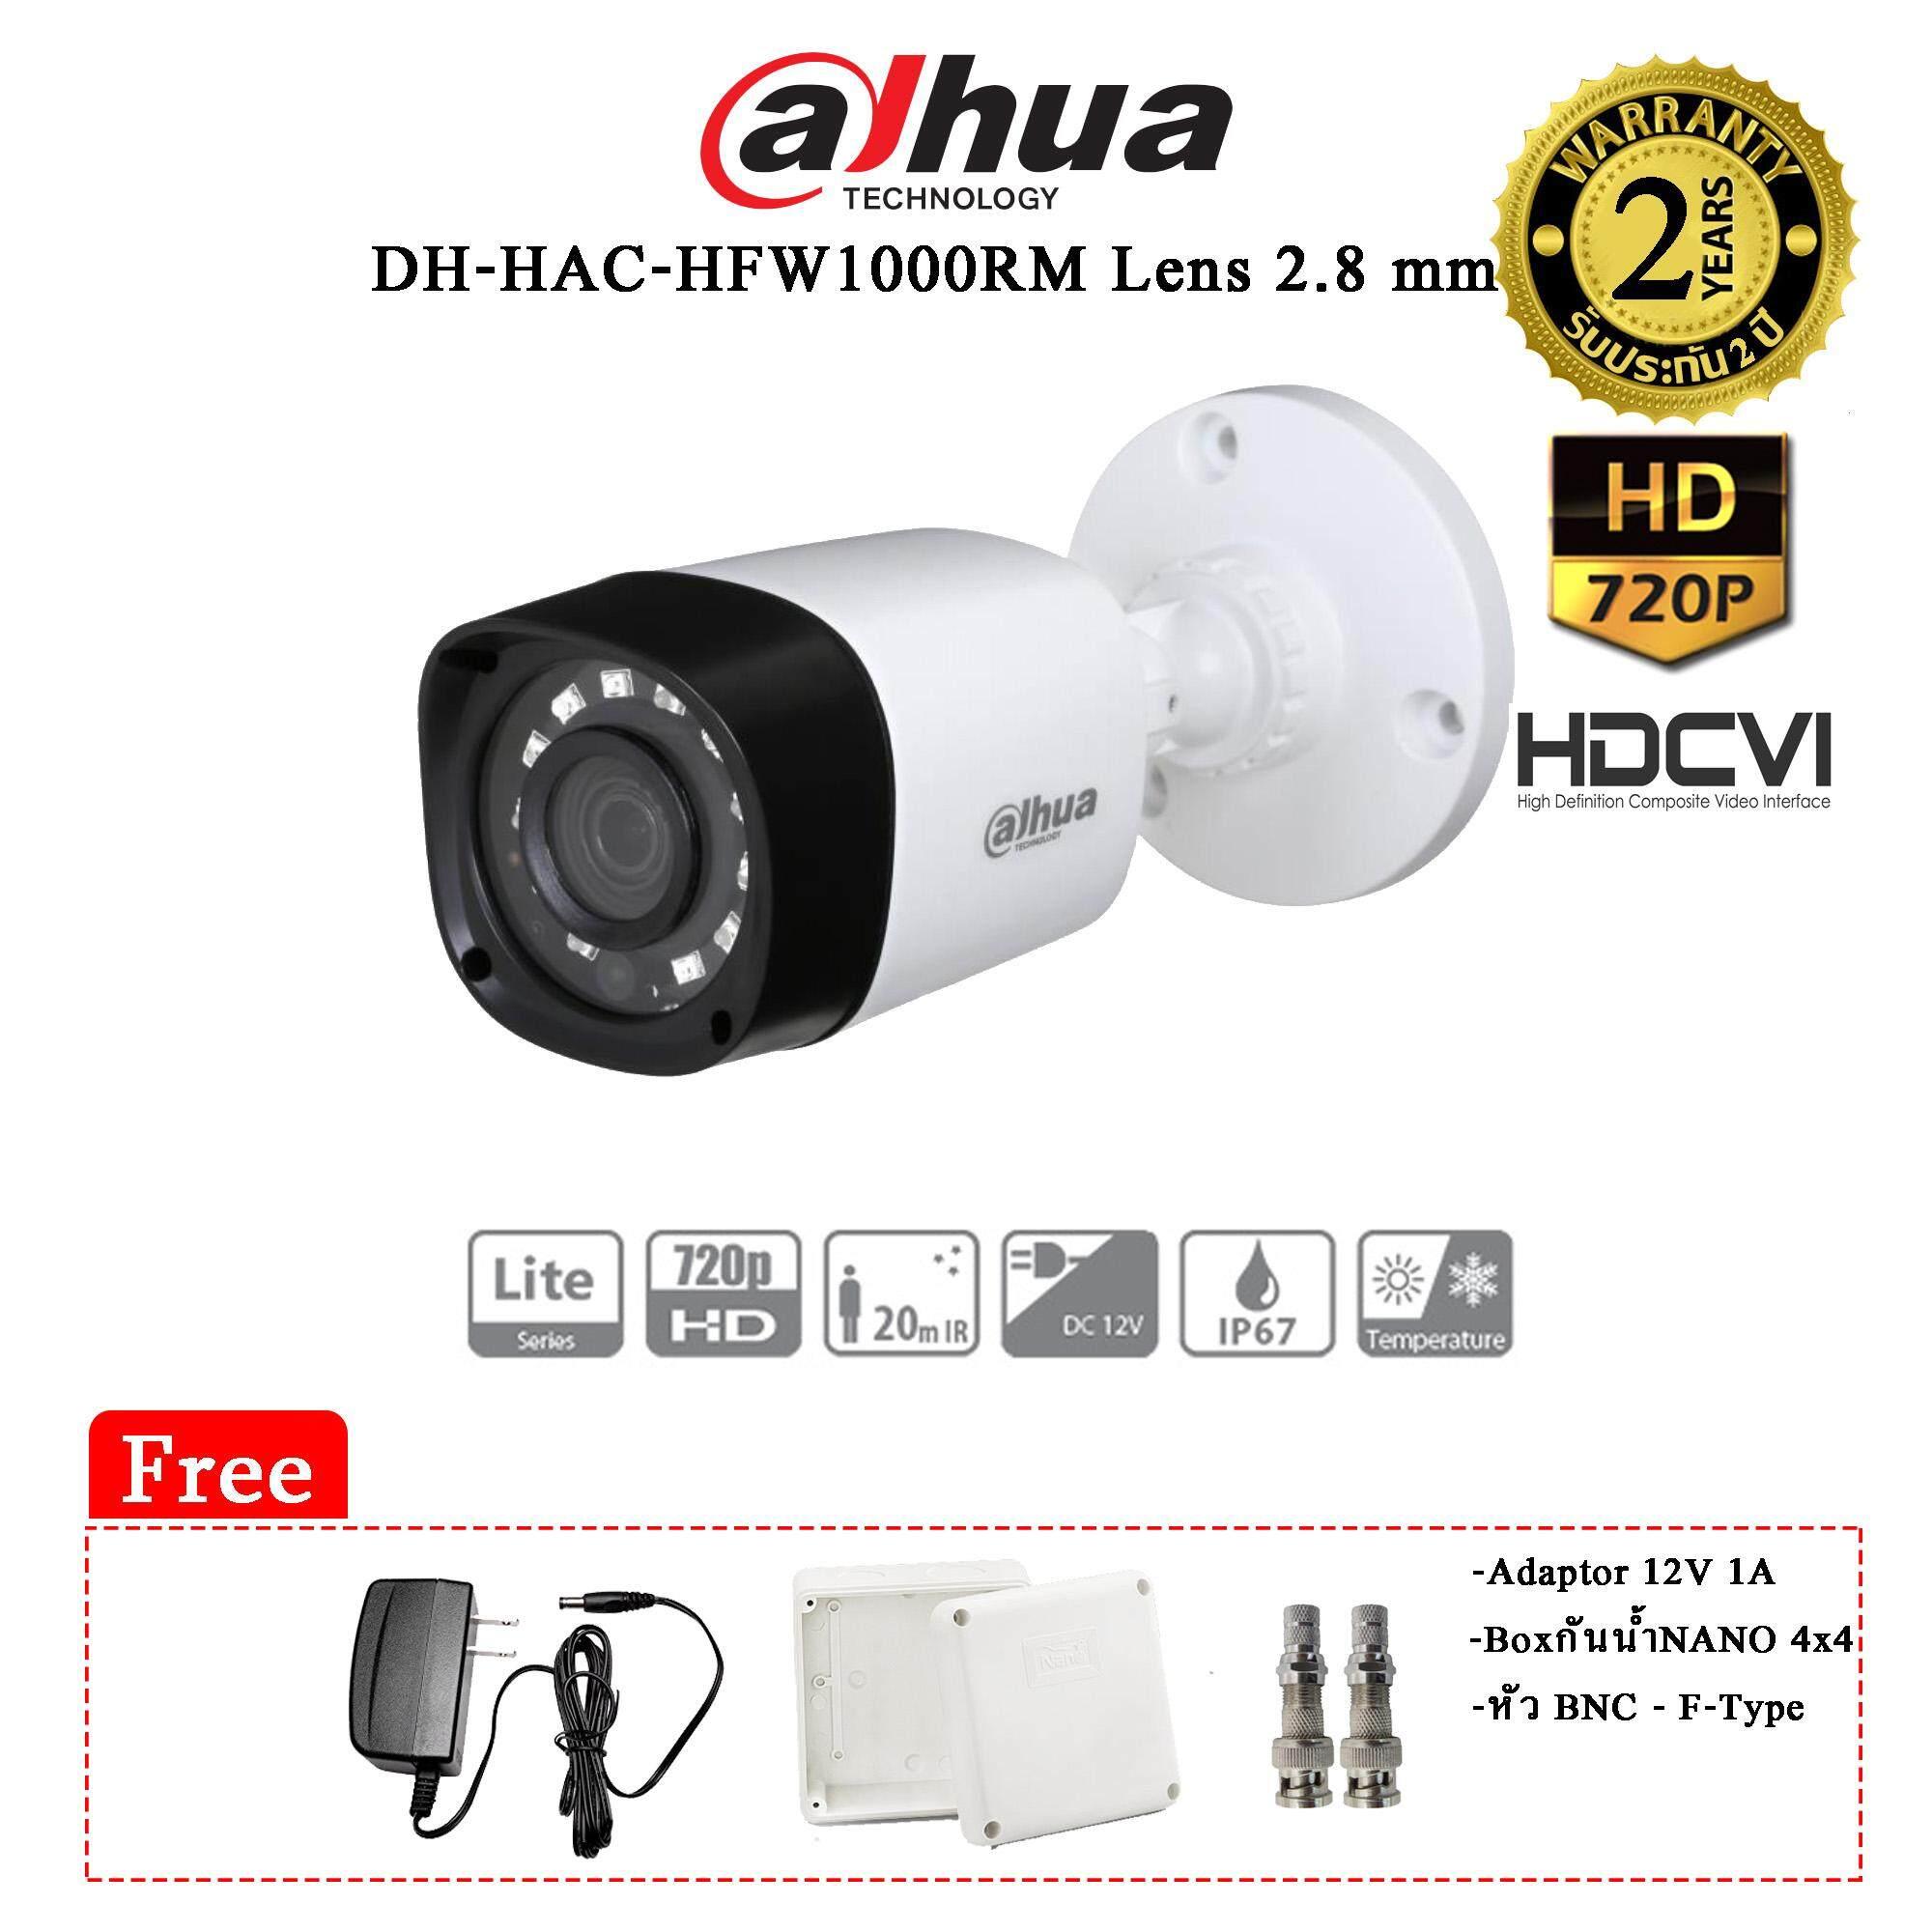 กล้องวงจรปิด DAHUA HDCVI IR Bullet Camera DH-HAC-HFW1000RM Lens 2.8mm ฟรีอแดปเตอร์ 12V 1A x 1 Boxกันน้ำ NANO x 1 หัว BNC - F-Type x 2